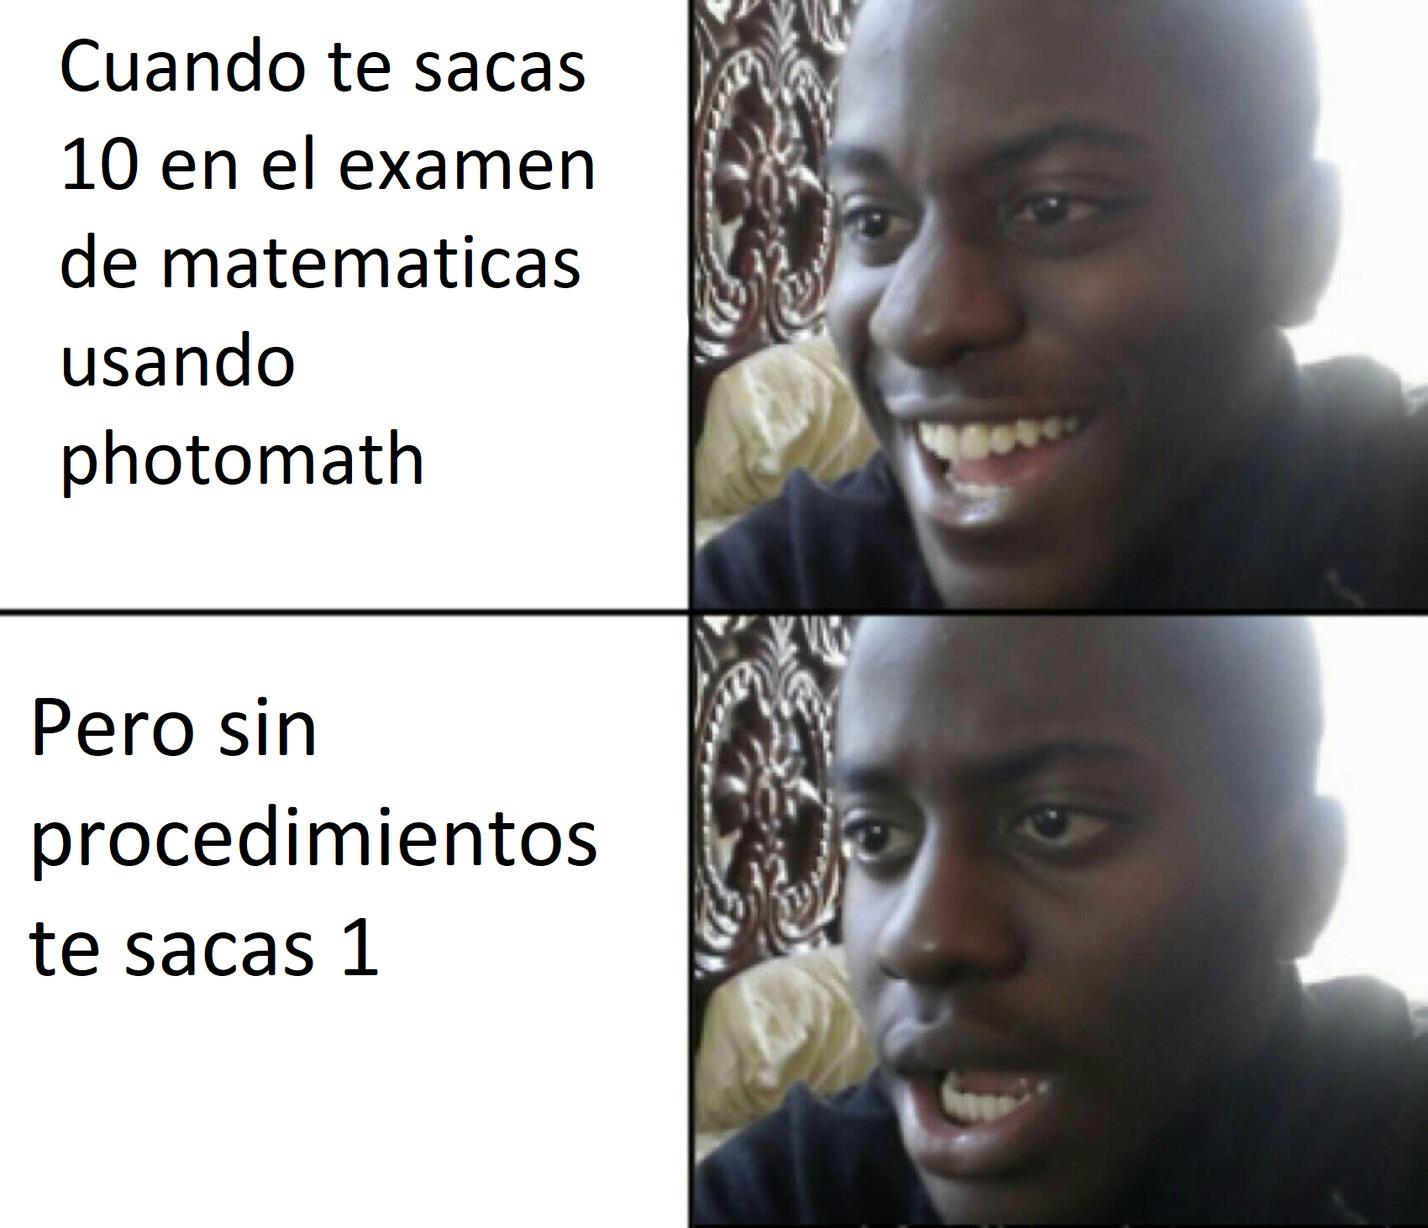 Exmen de math - meme